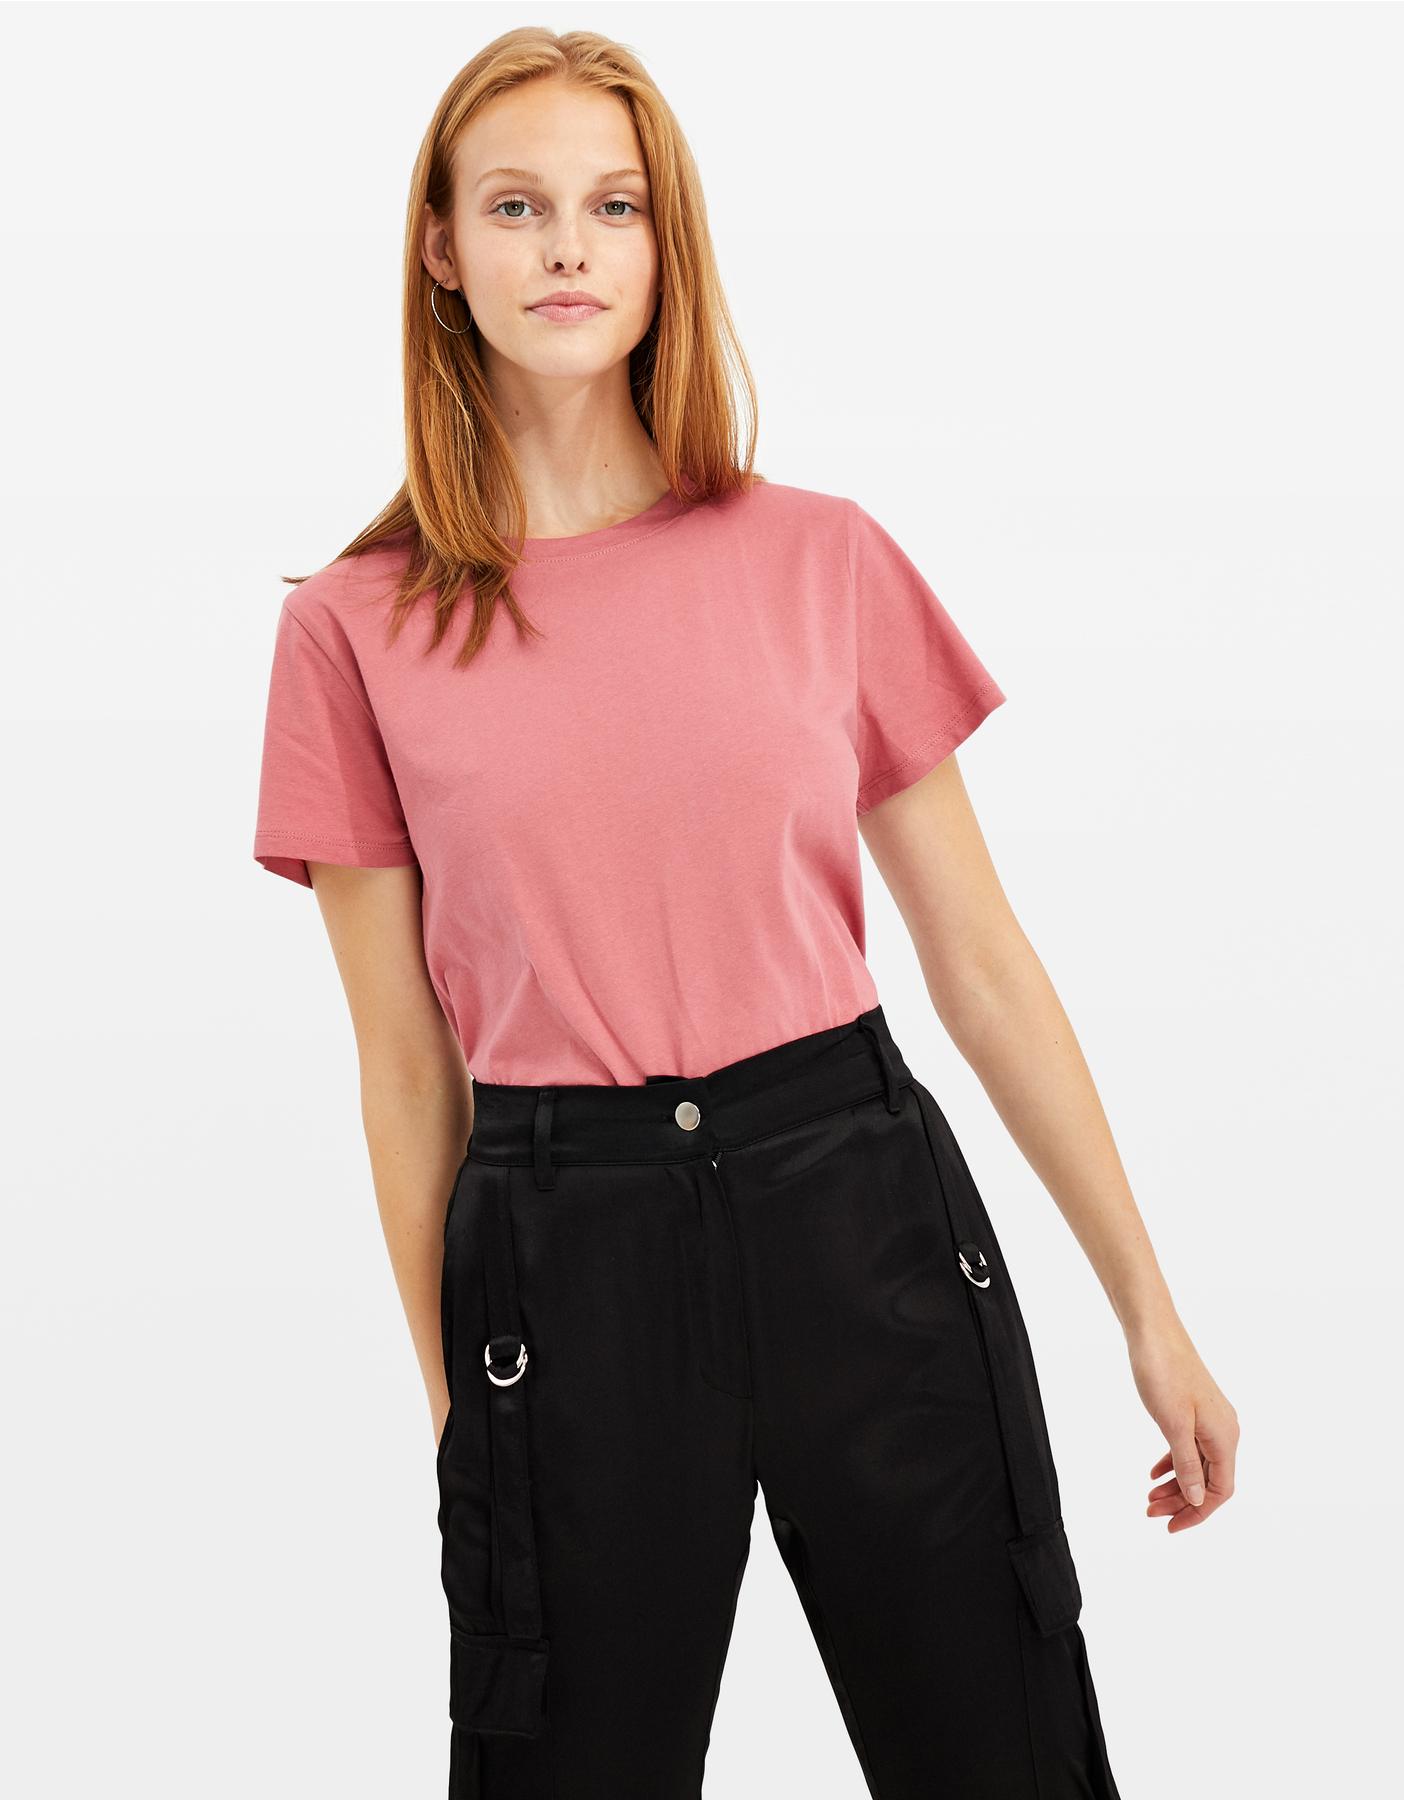 Pink Loose Top